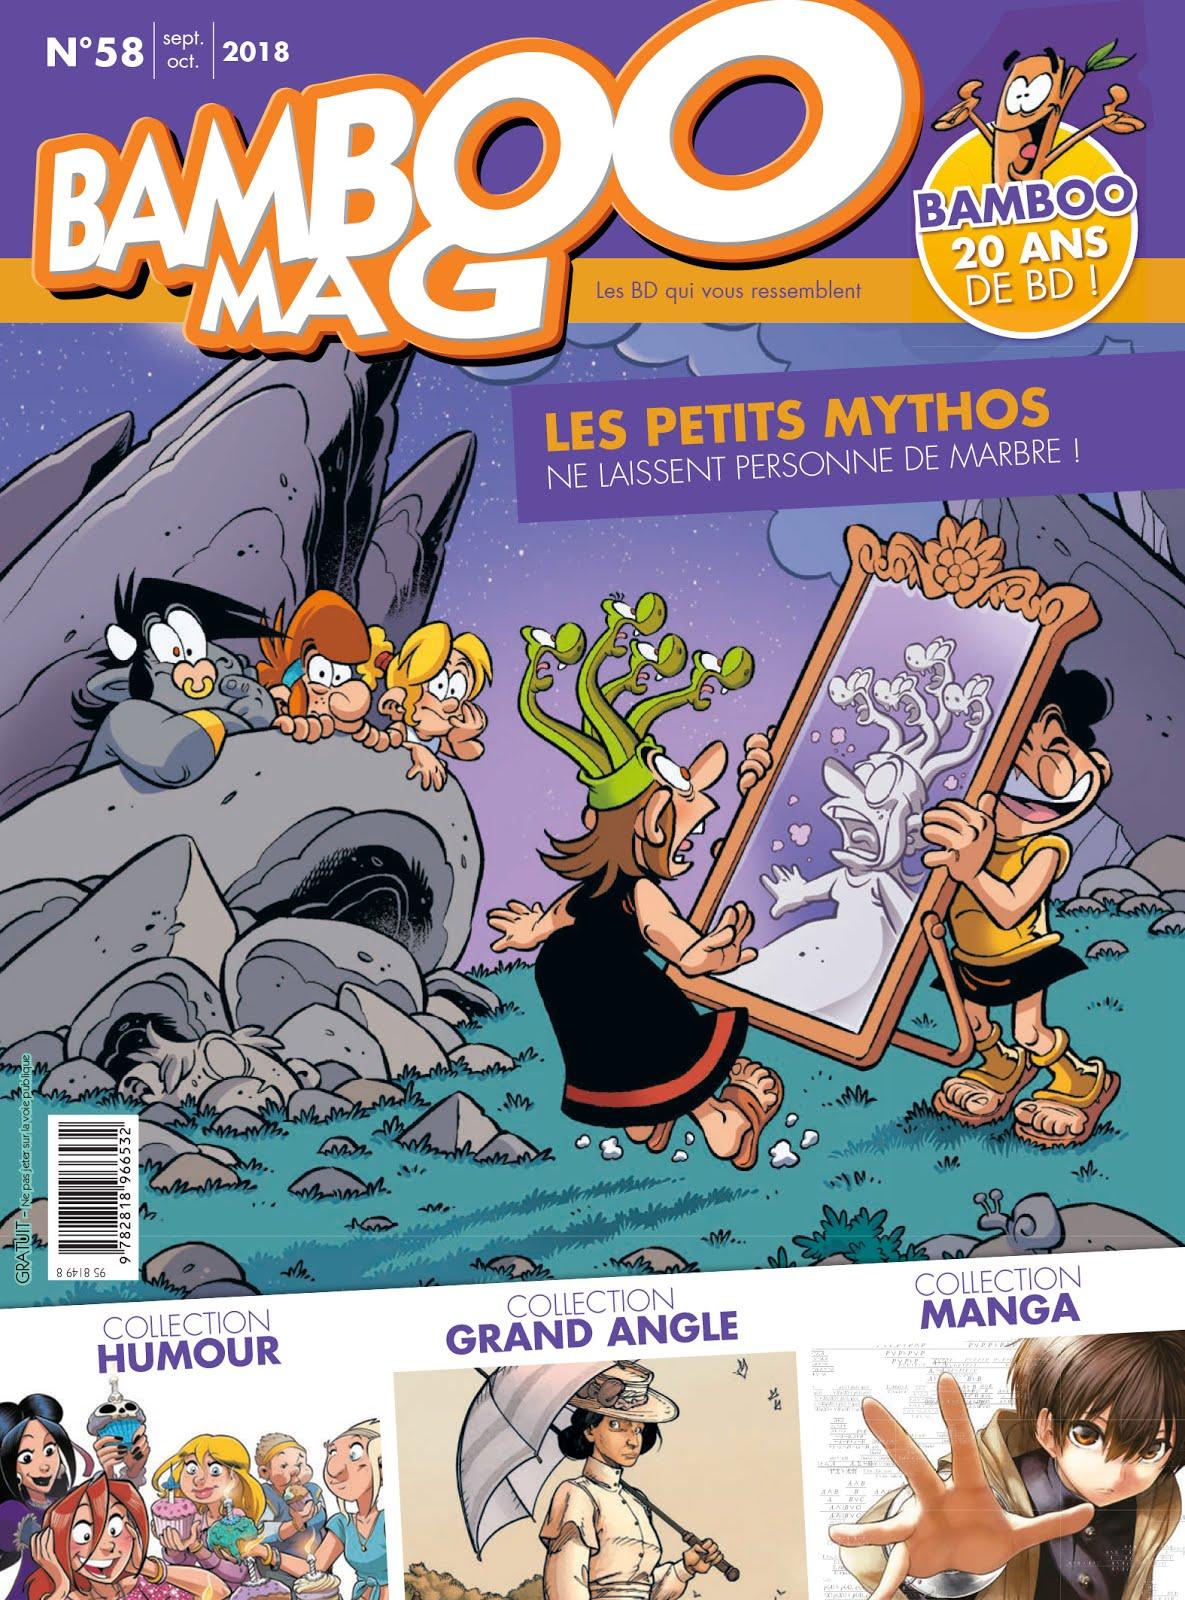 Télécharger gratuitement le dernier Bamboo Mag!